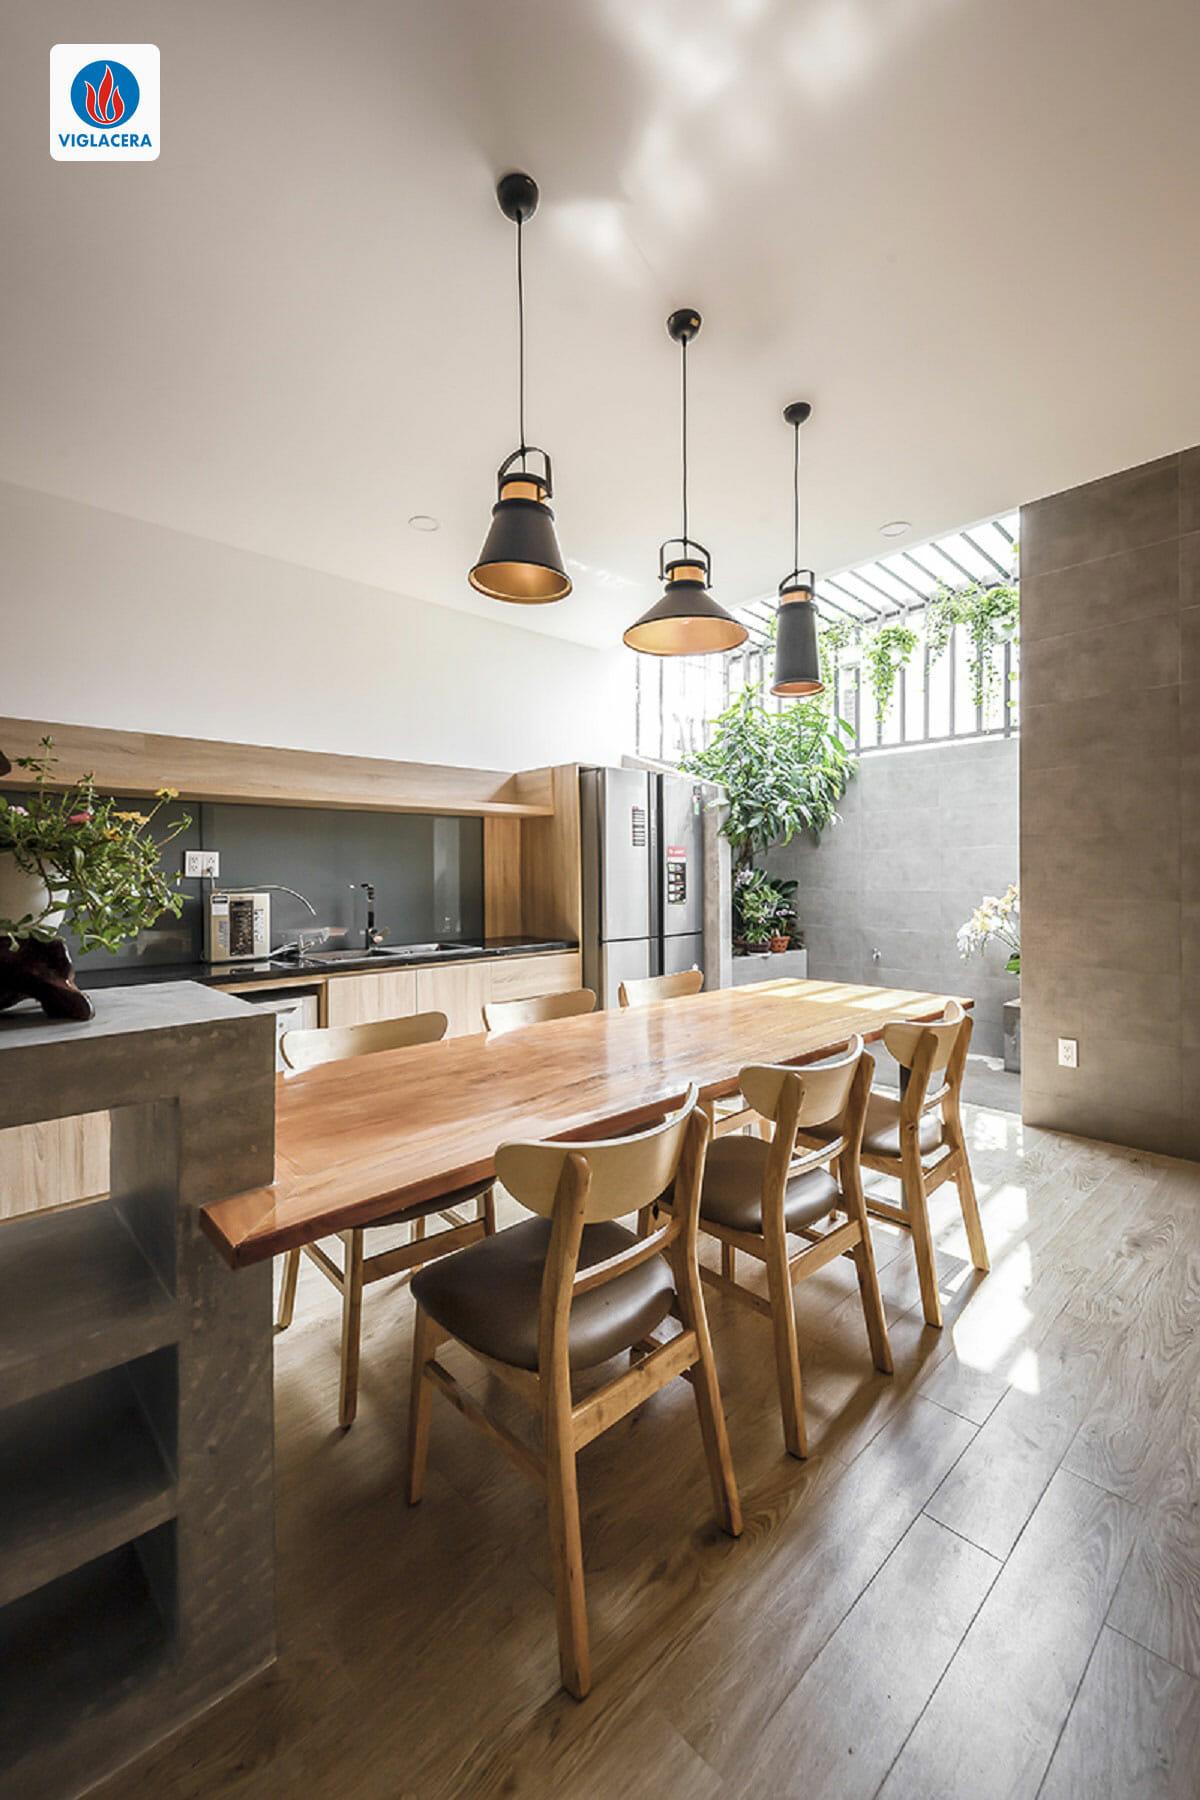 Phòng bếp tiện ích bên cạnh giếng trời